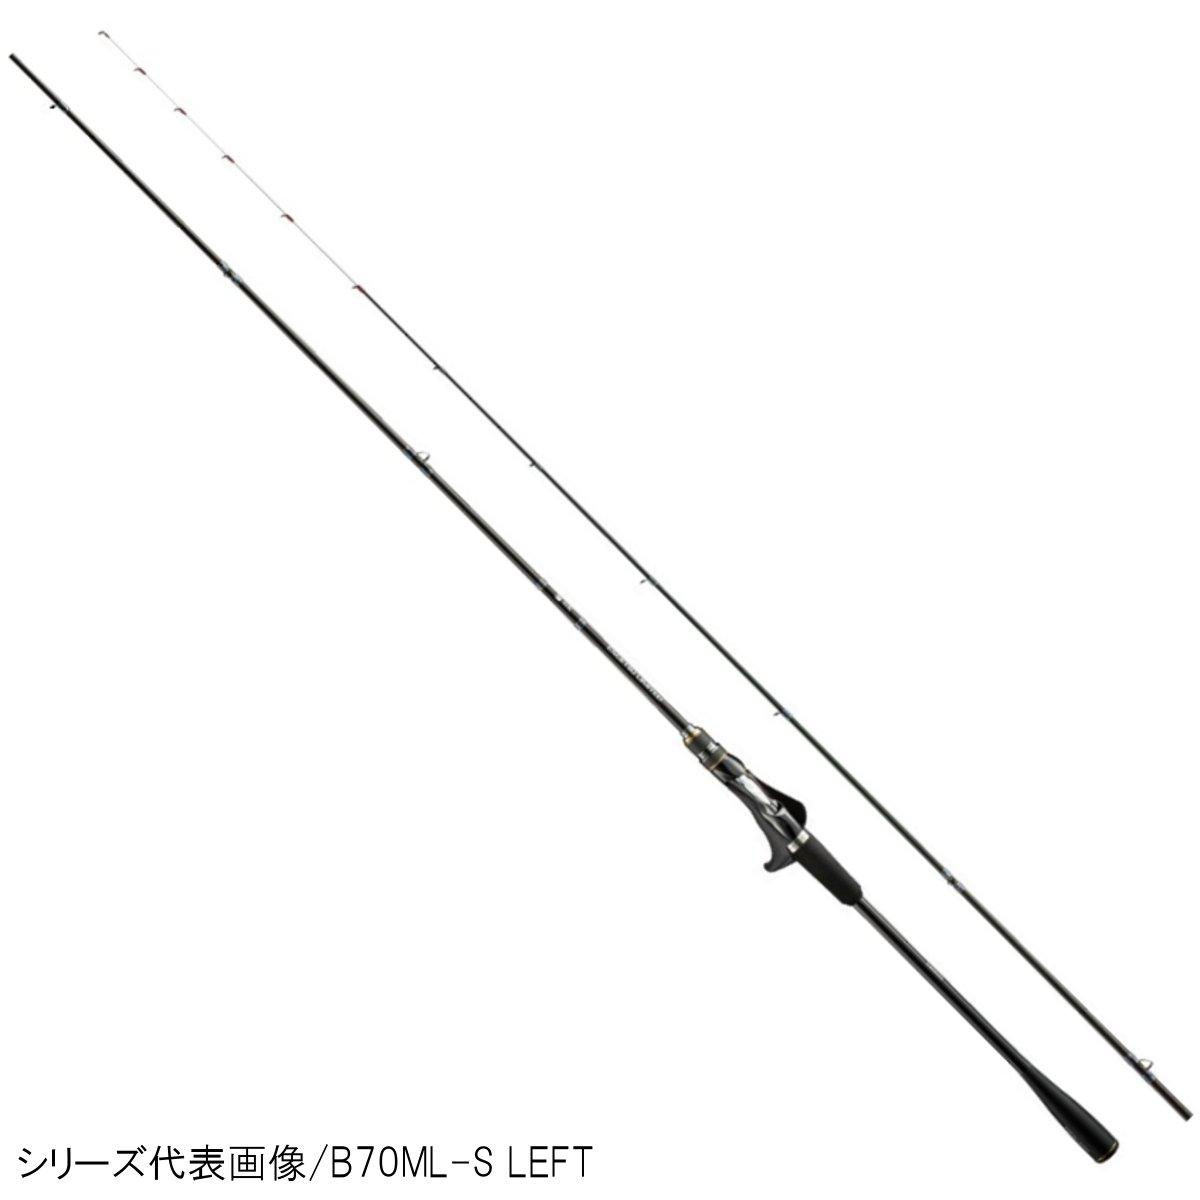 炎月 リミテッド B70M-S RIGHT シマノ【大型商品】【同梱不可】